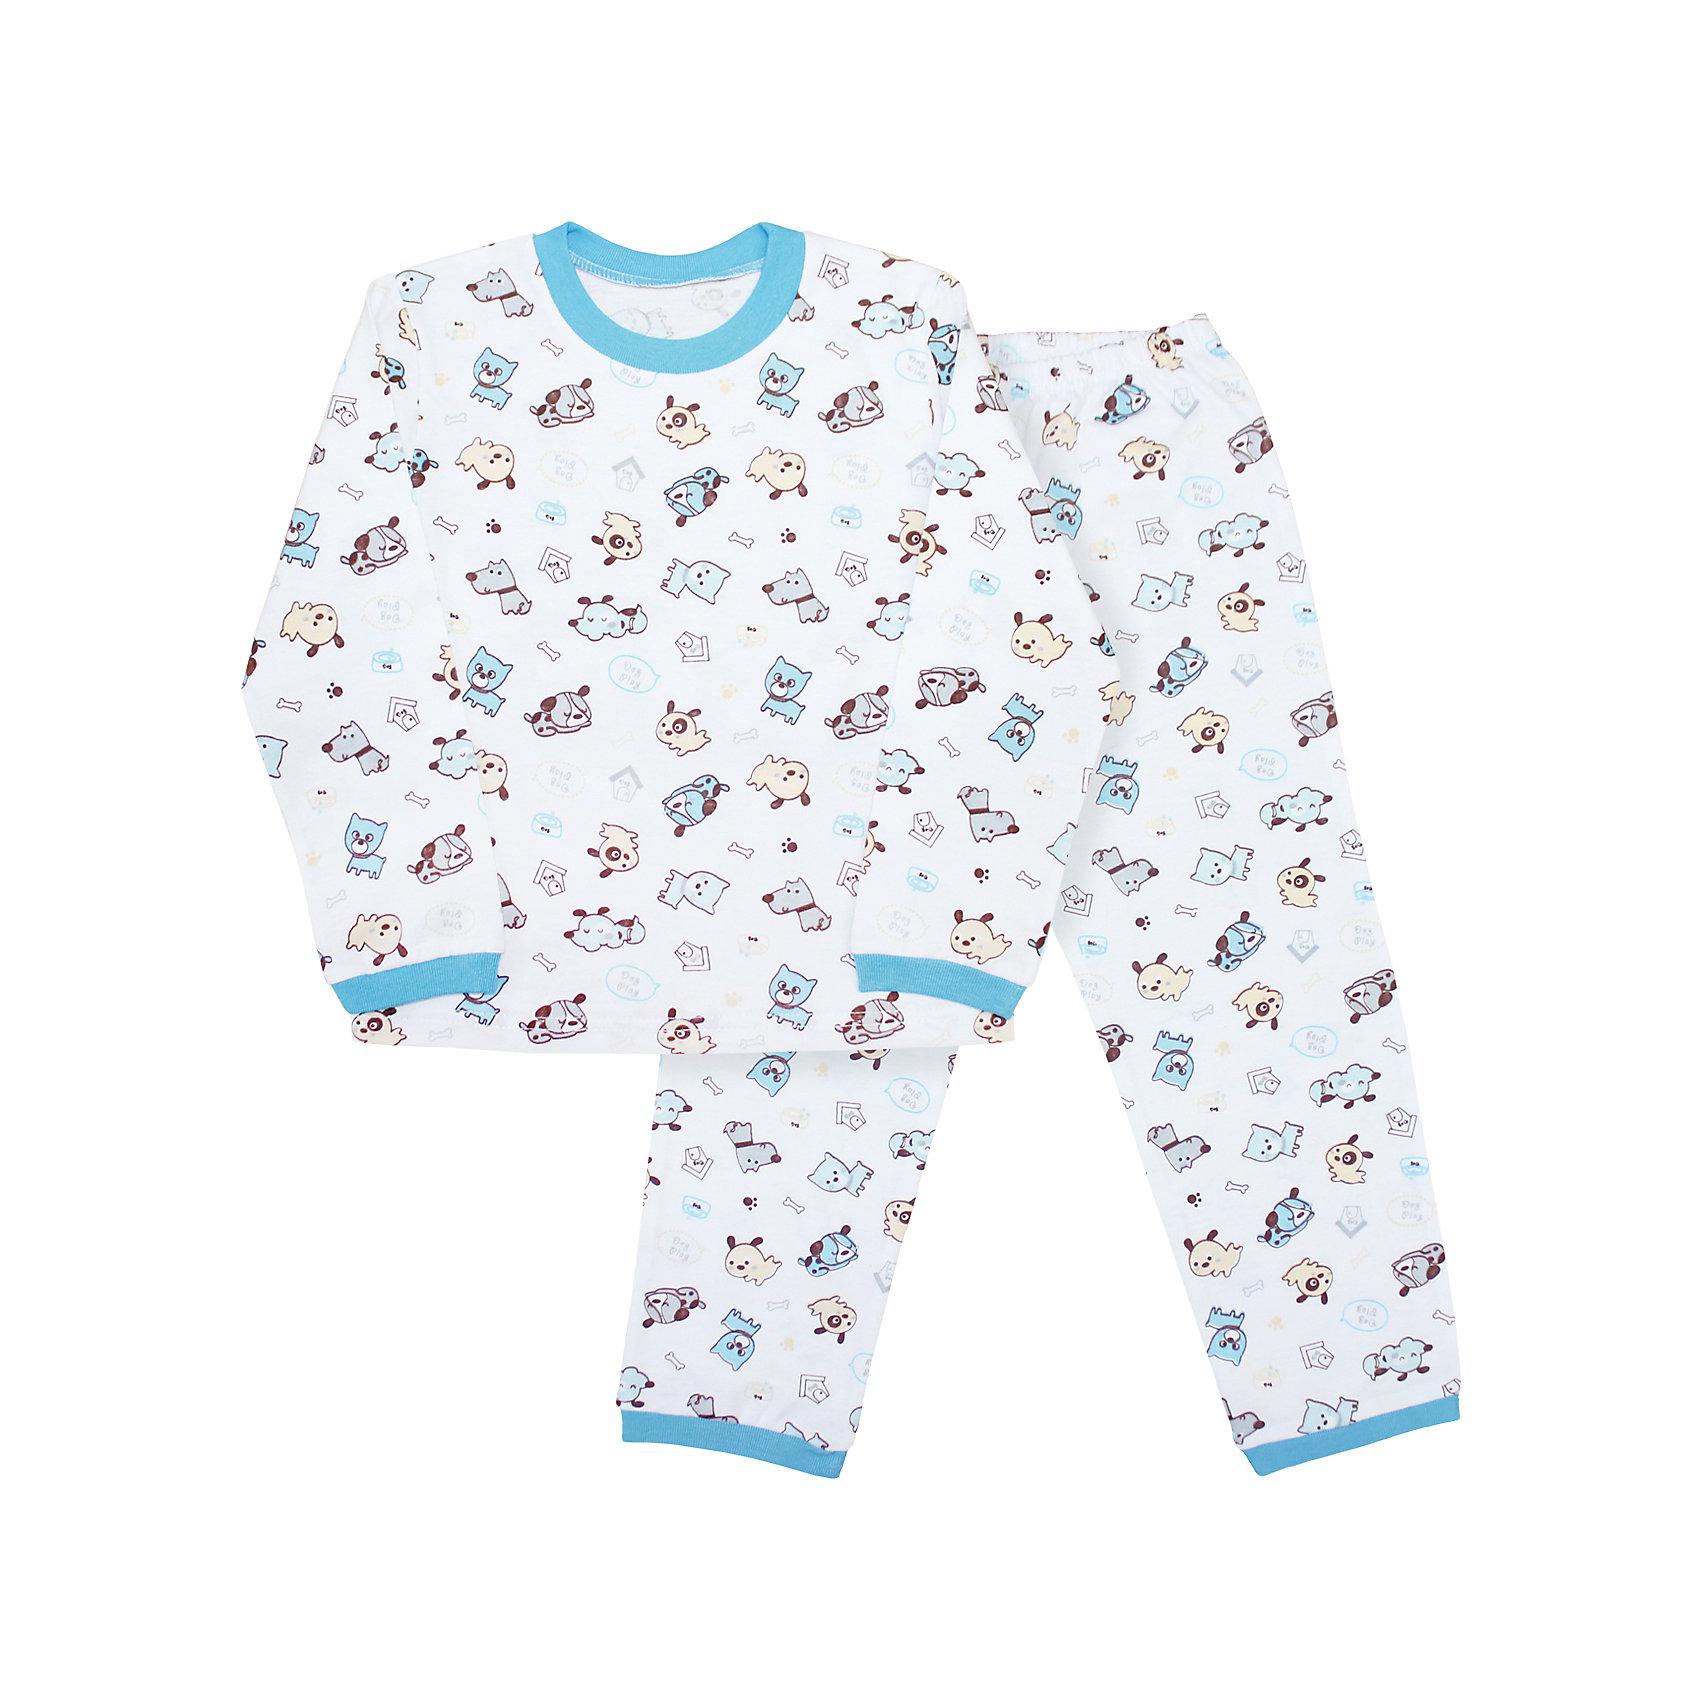 Веселый малыш Пижама для мальчика Веселый малыш веселый малыш футболка для девочки веселый малыш